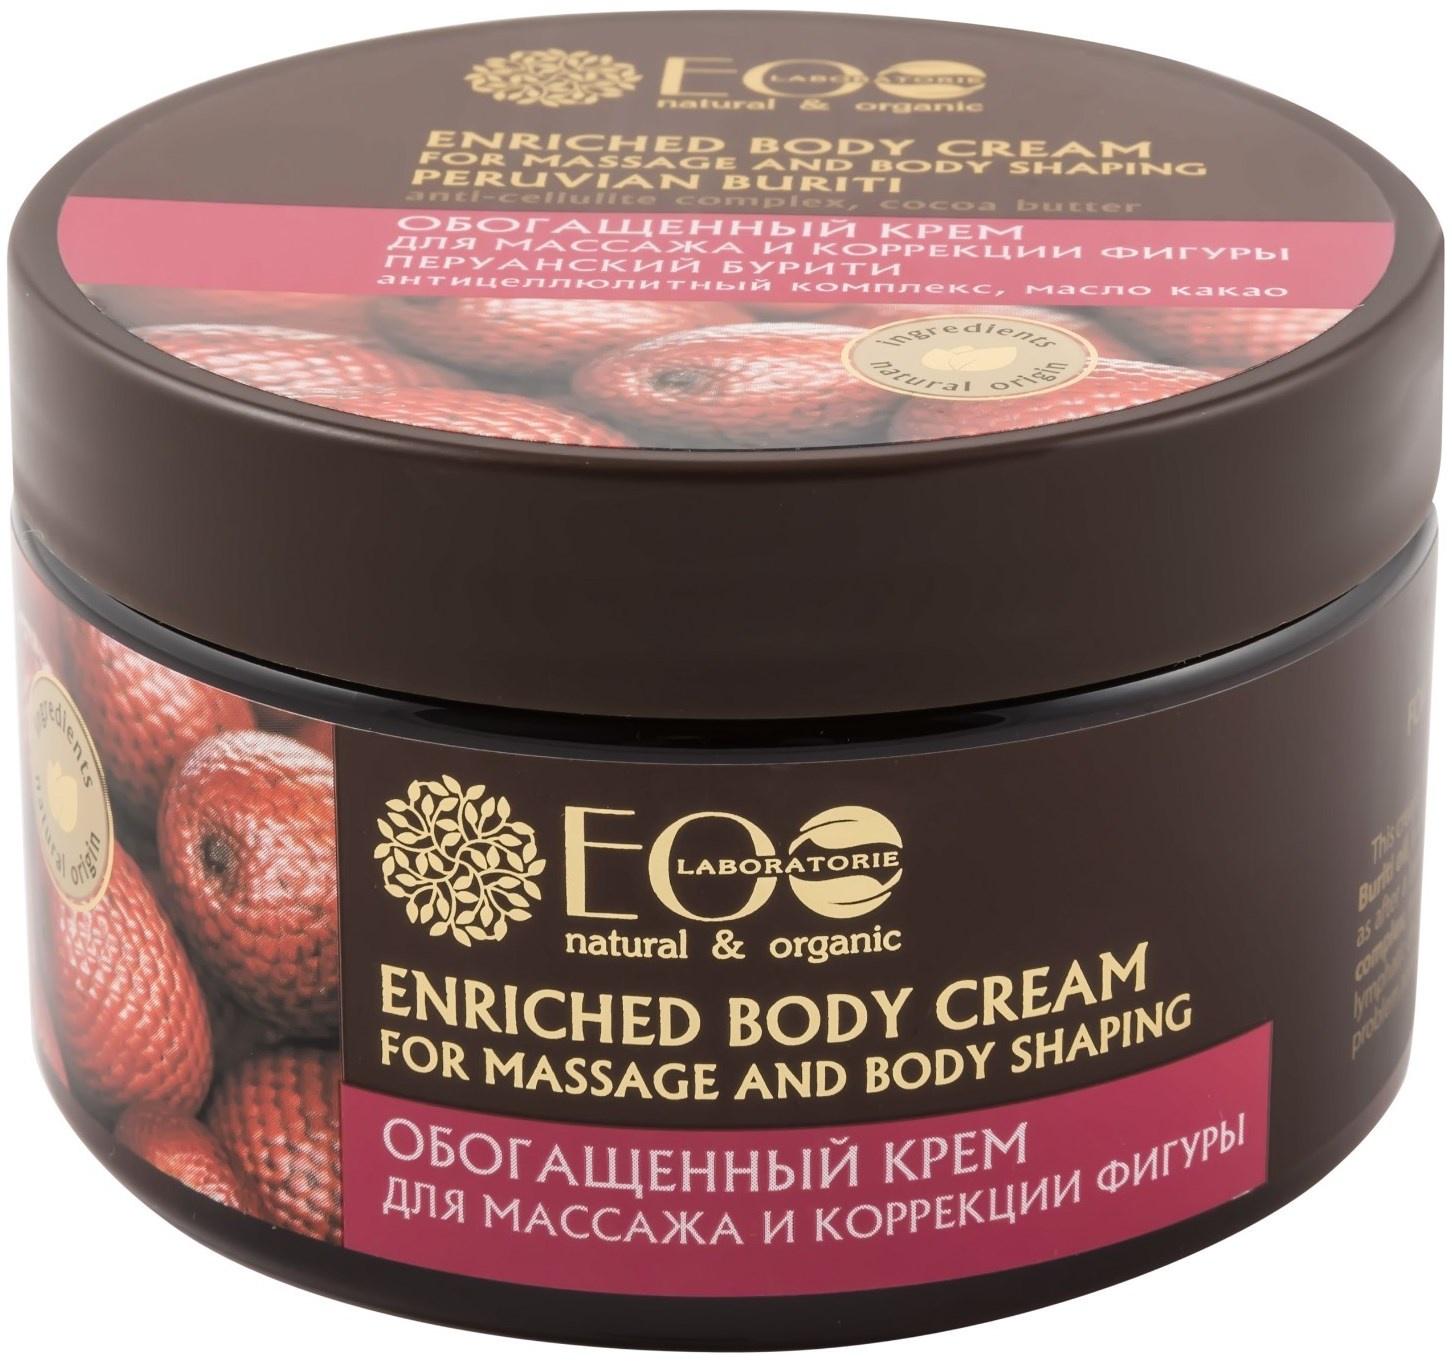 Крем для ухода за кожей EO Laboratorie Для массажа и коррекции фигуры антицеллюлитный крем гуам для массажа